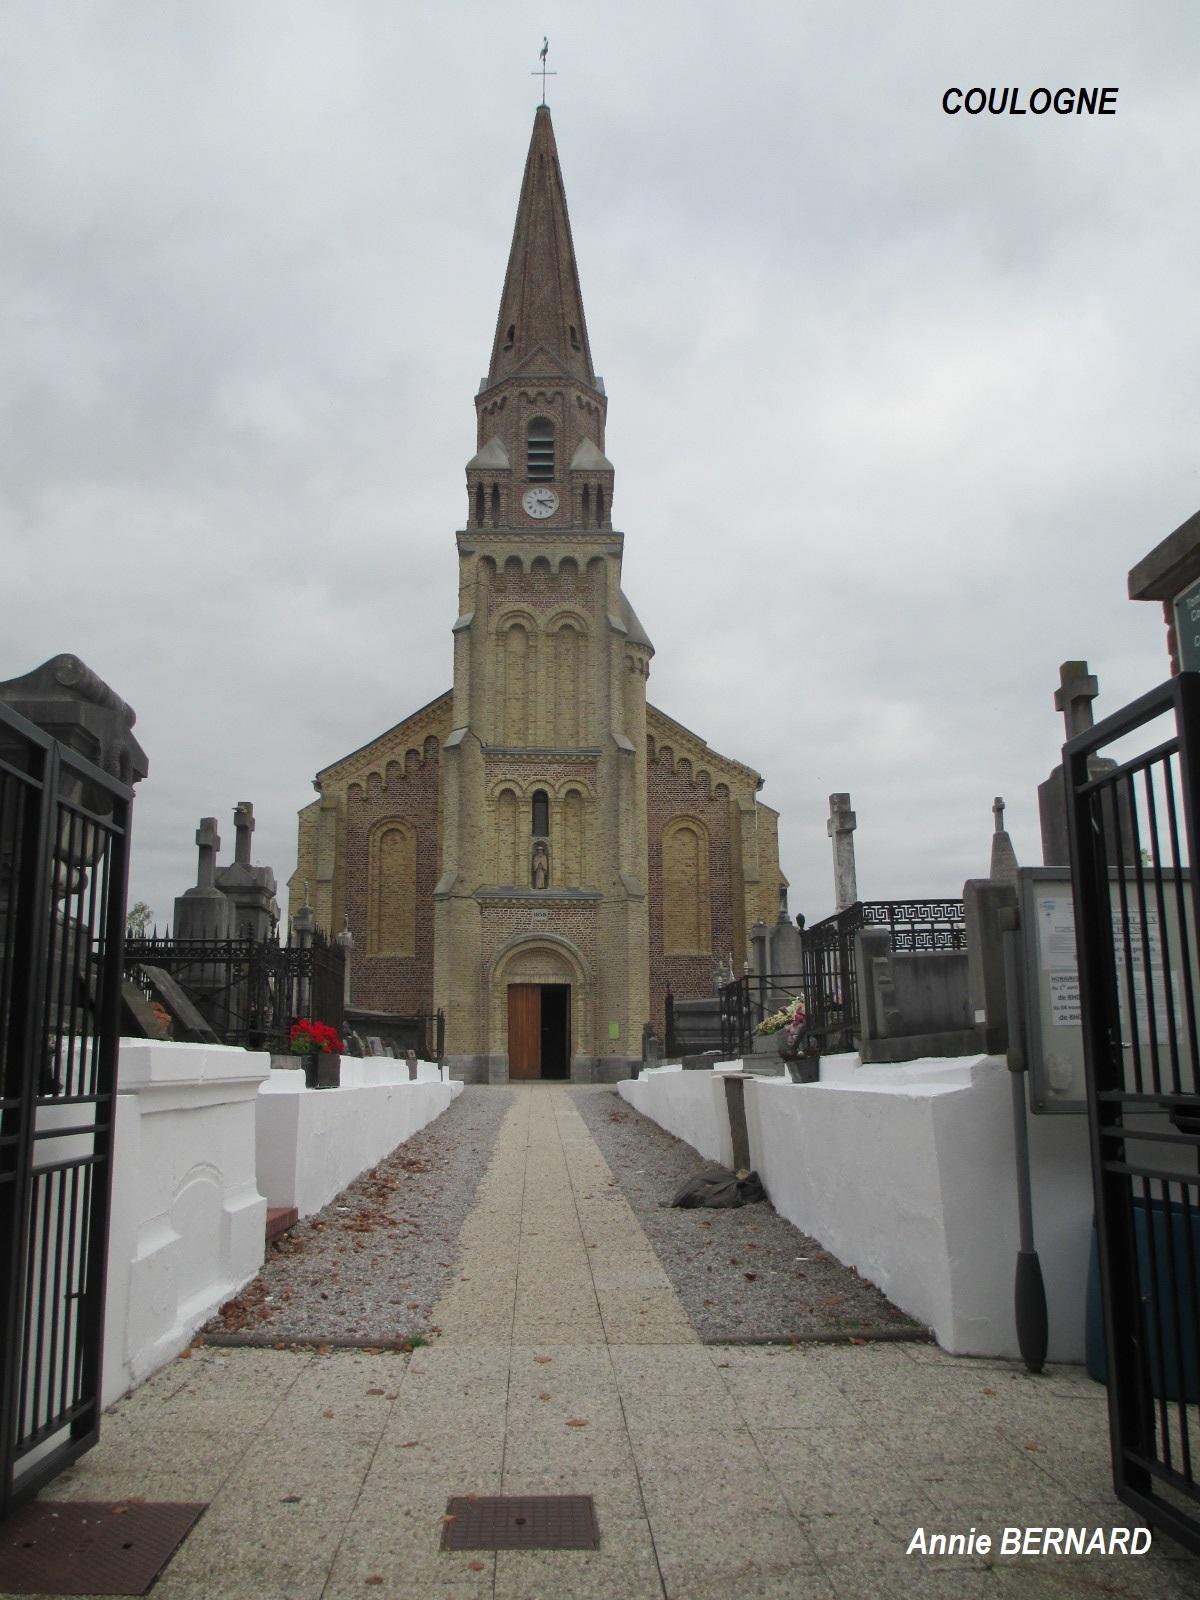 Eglise de Coulogne